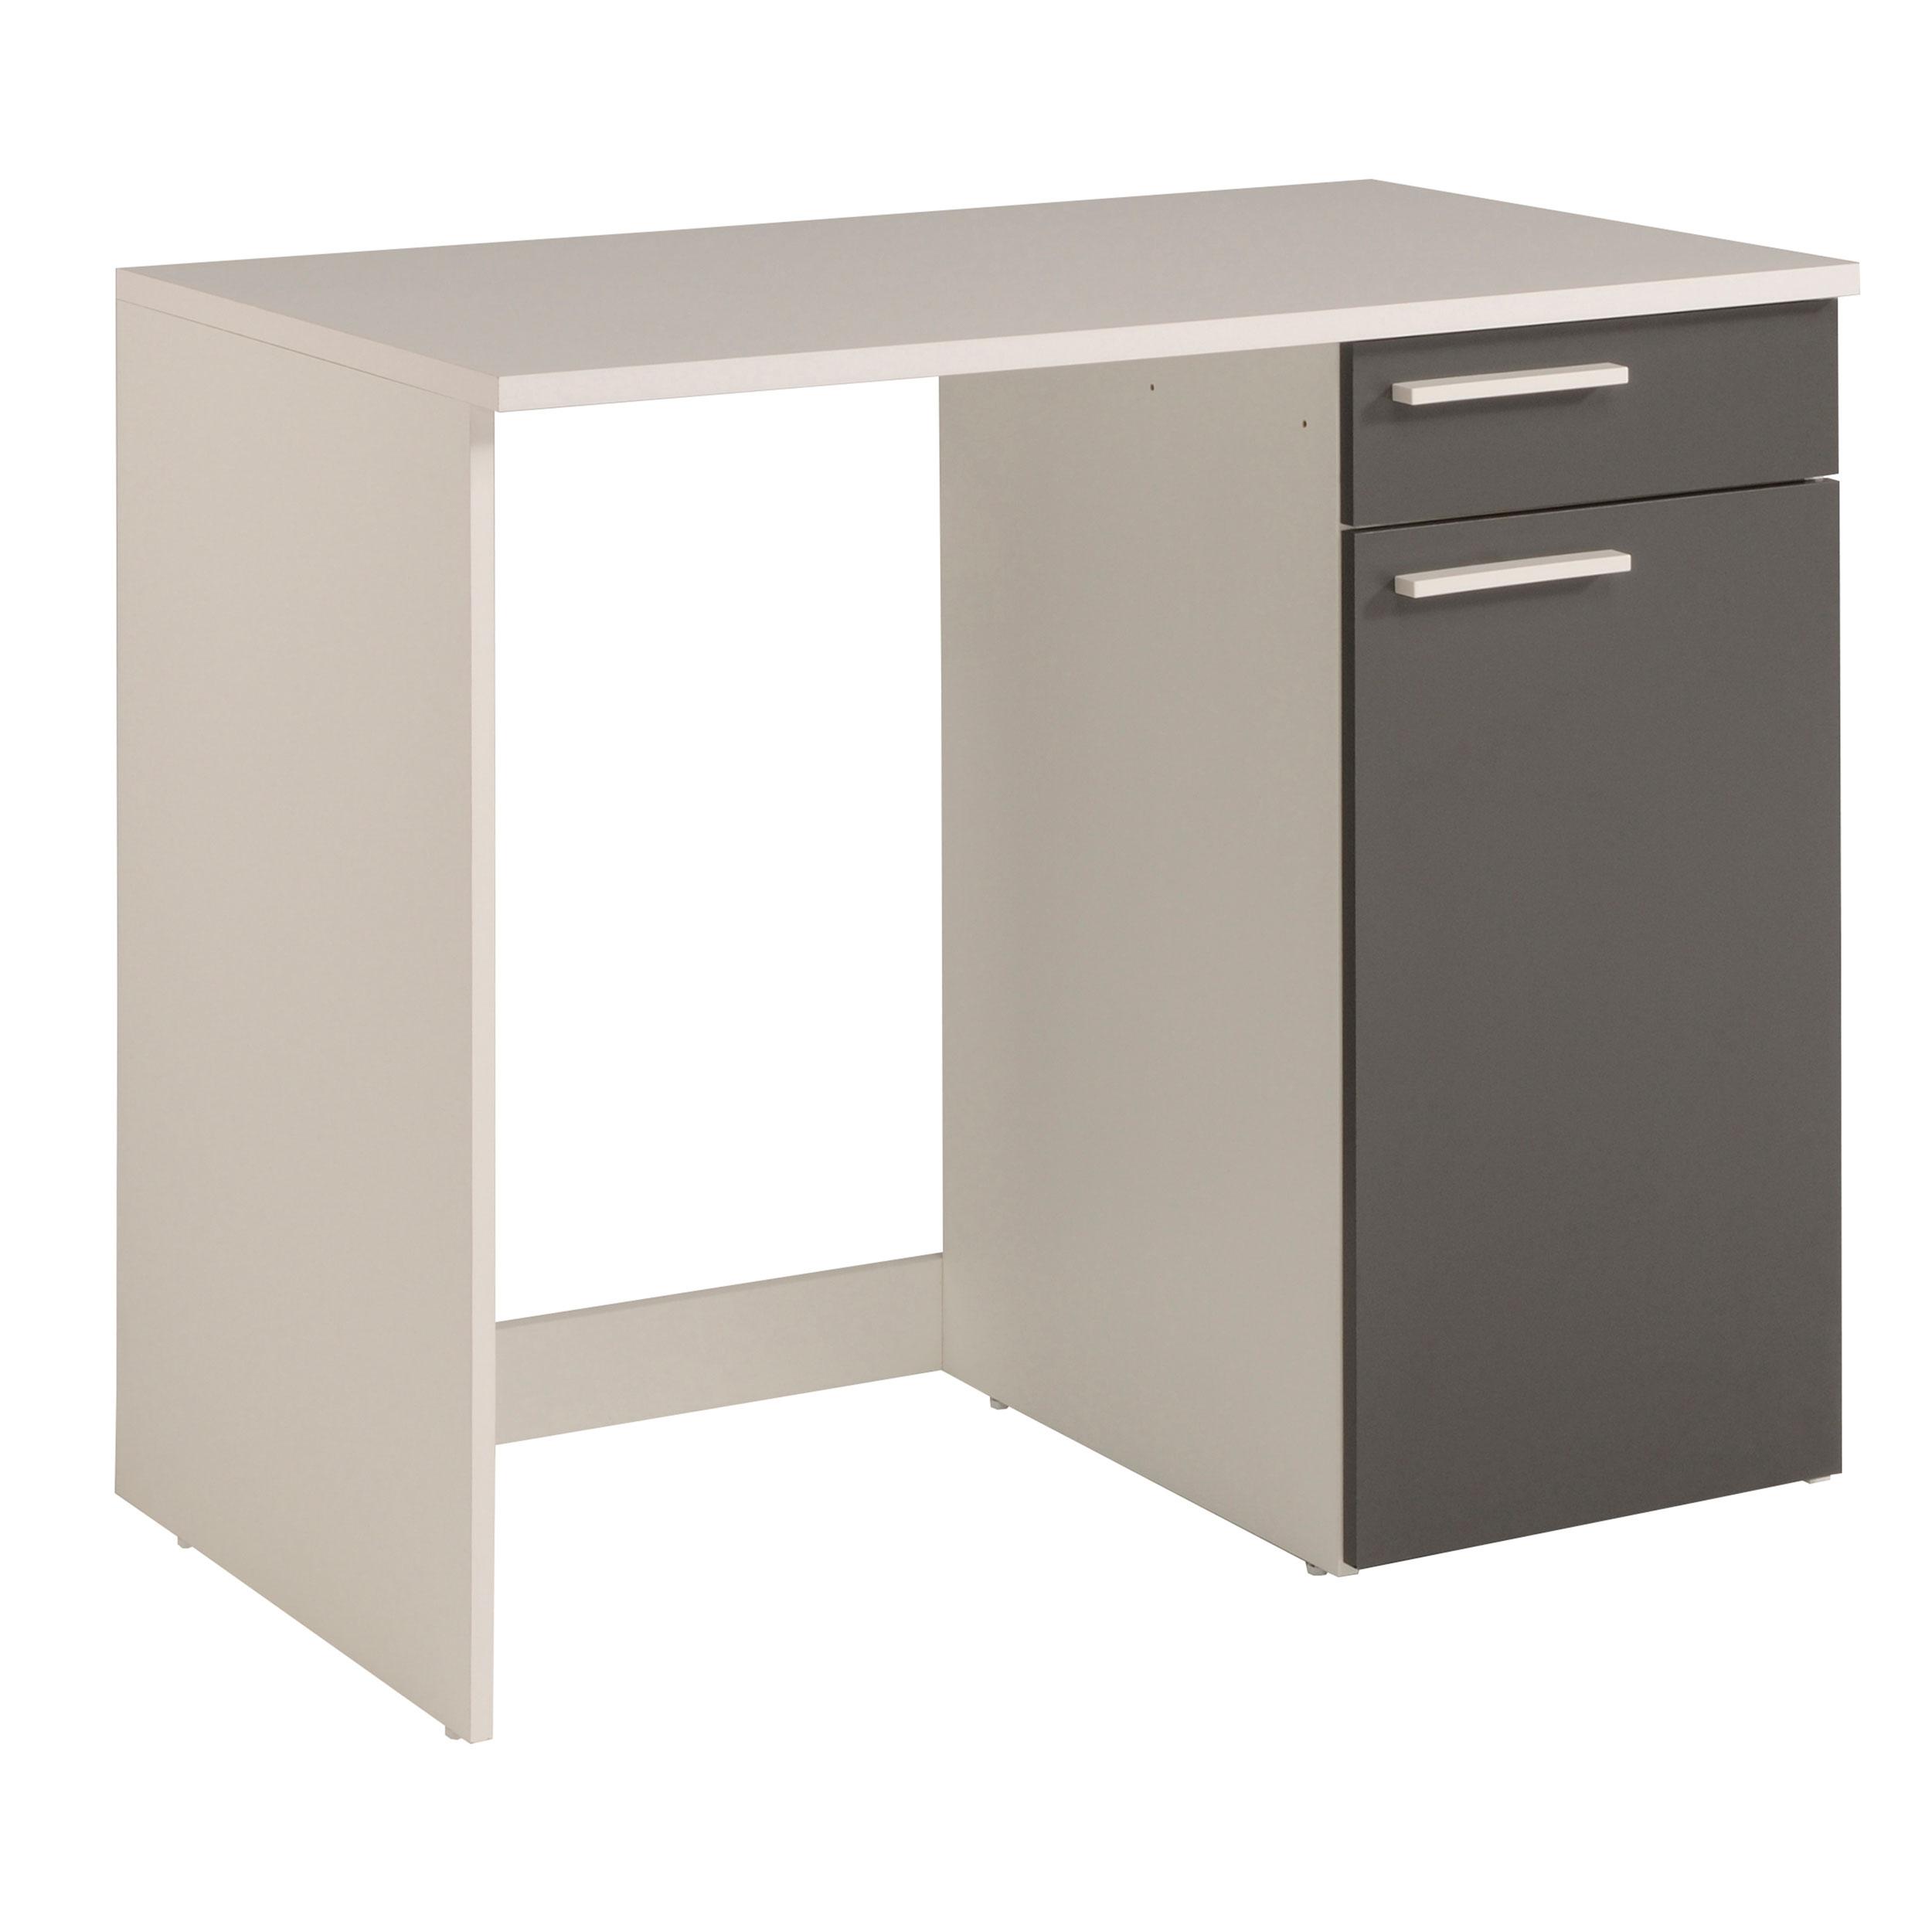 Rangement Machine À Laver meuble de rangement pour machine à laver blanc/gris ombre angelus ii